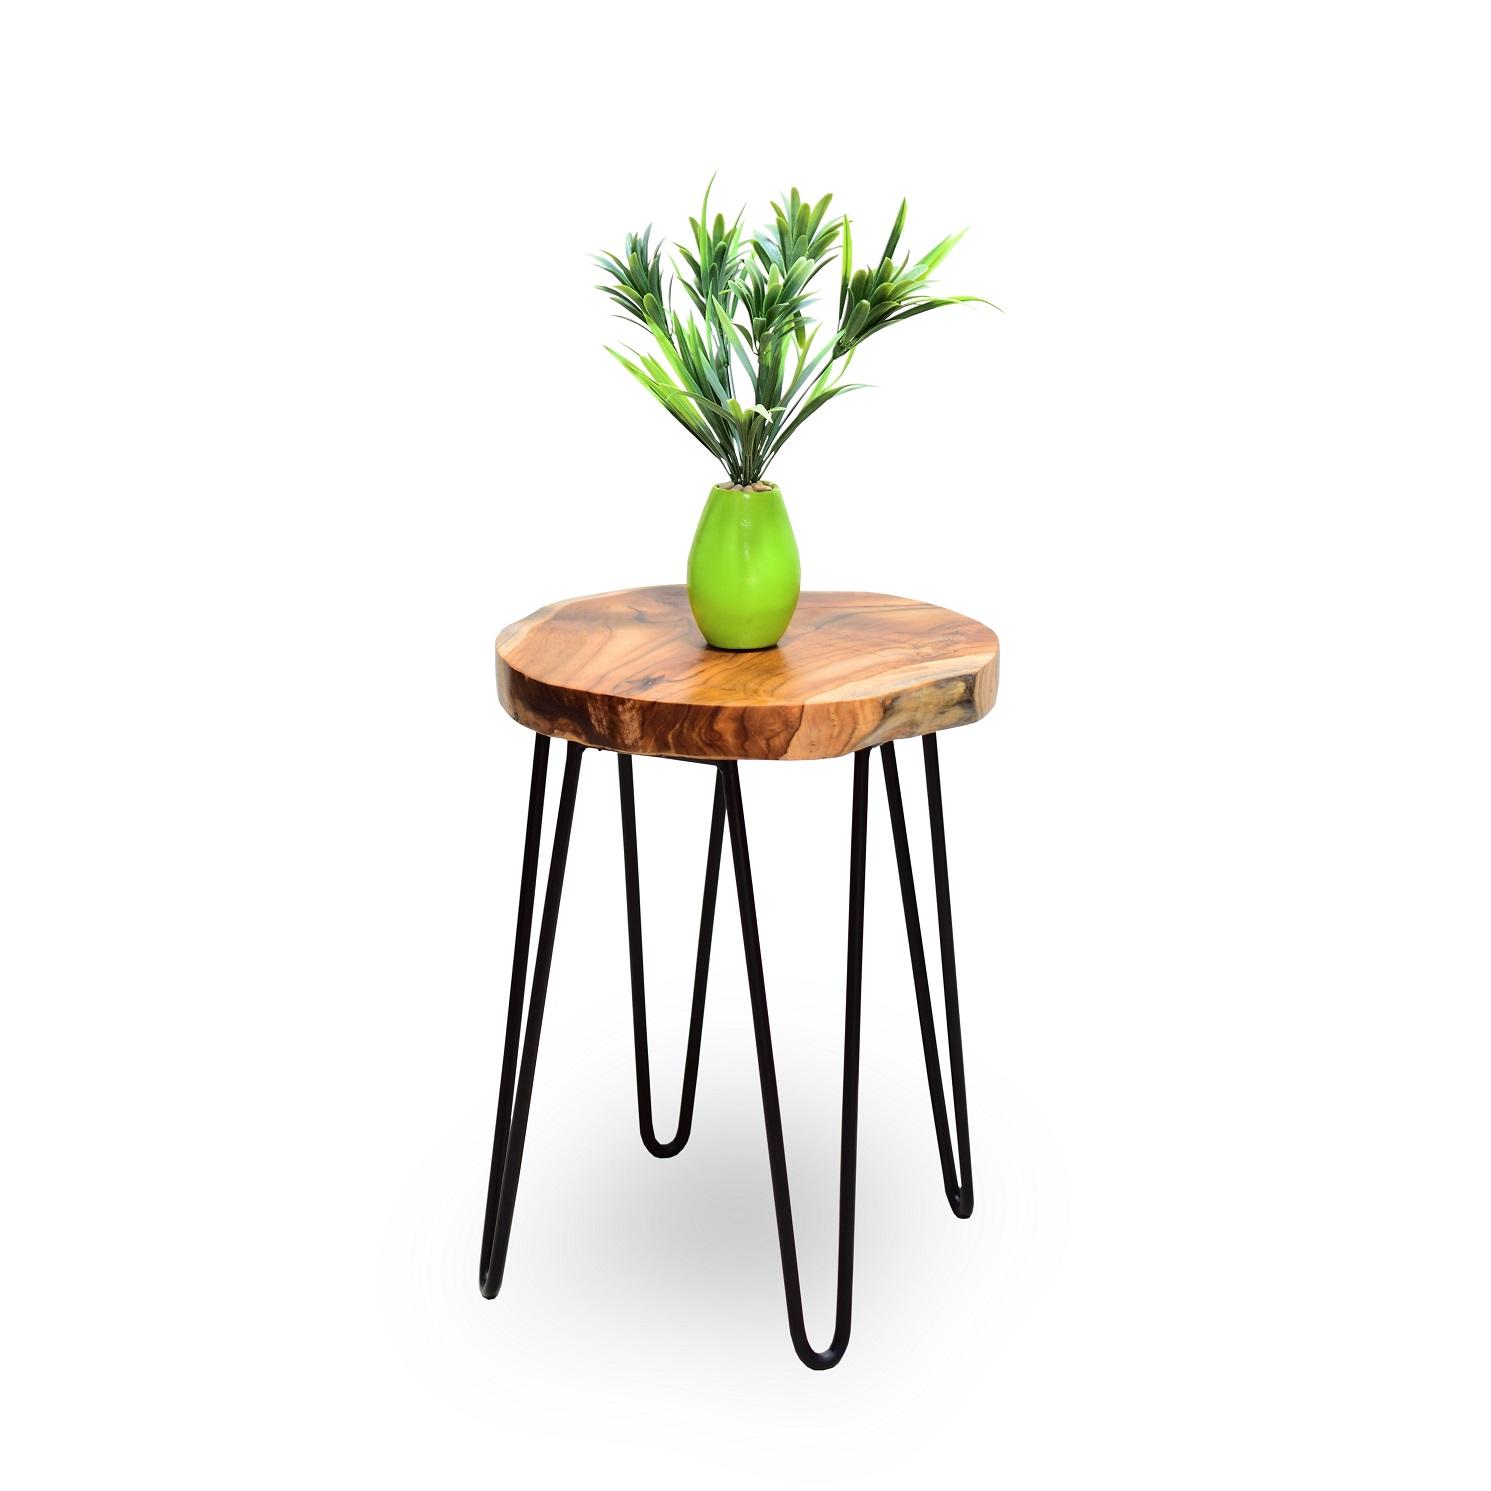 accent table asdt reclaimed teak root furniture side dsc stool drop leaf desk black and gold bedside lamps target round bulk linens slide bolt seaside bathroom accessories bright